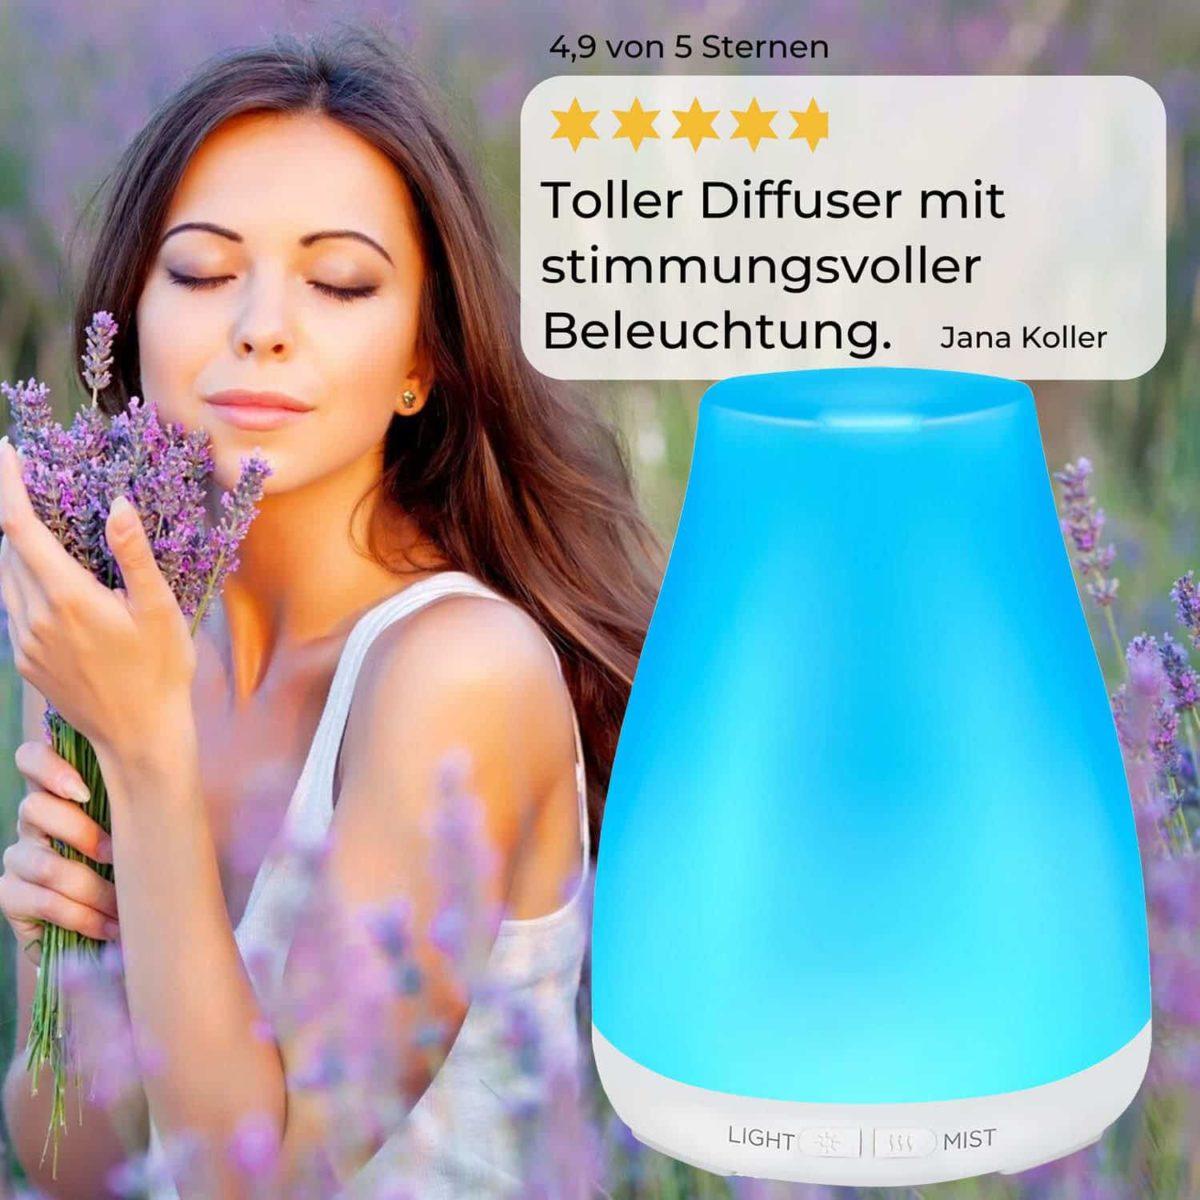 Casida Aroma Diffuser kompakt weiß Apotheke PZN 16351150 Aromatherapie Ätherische Öle vernebeln Lufterfrischer mobil8